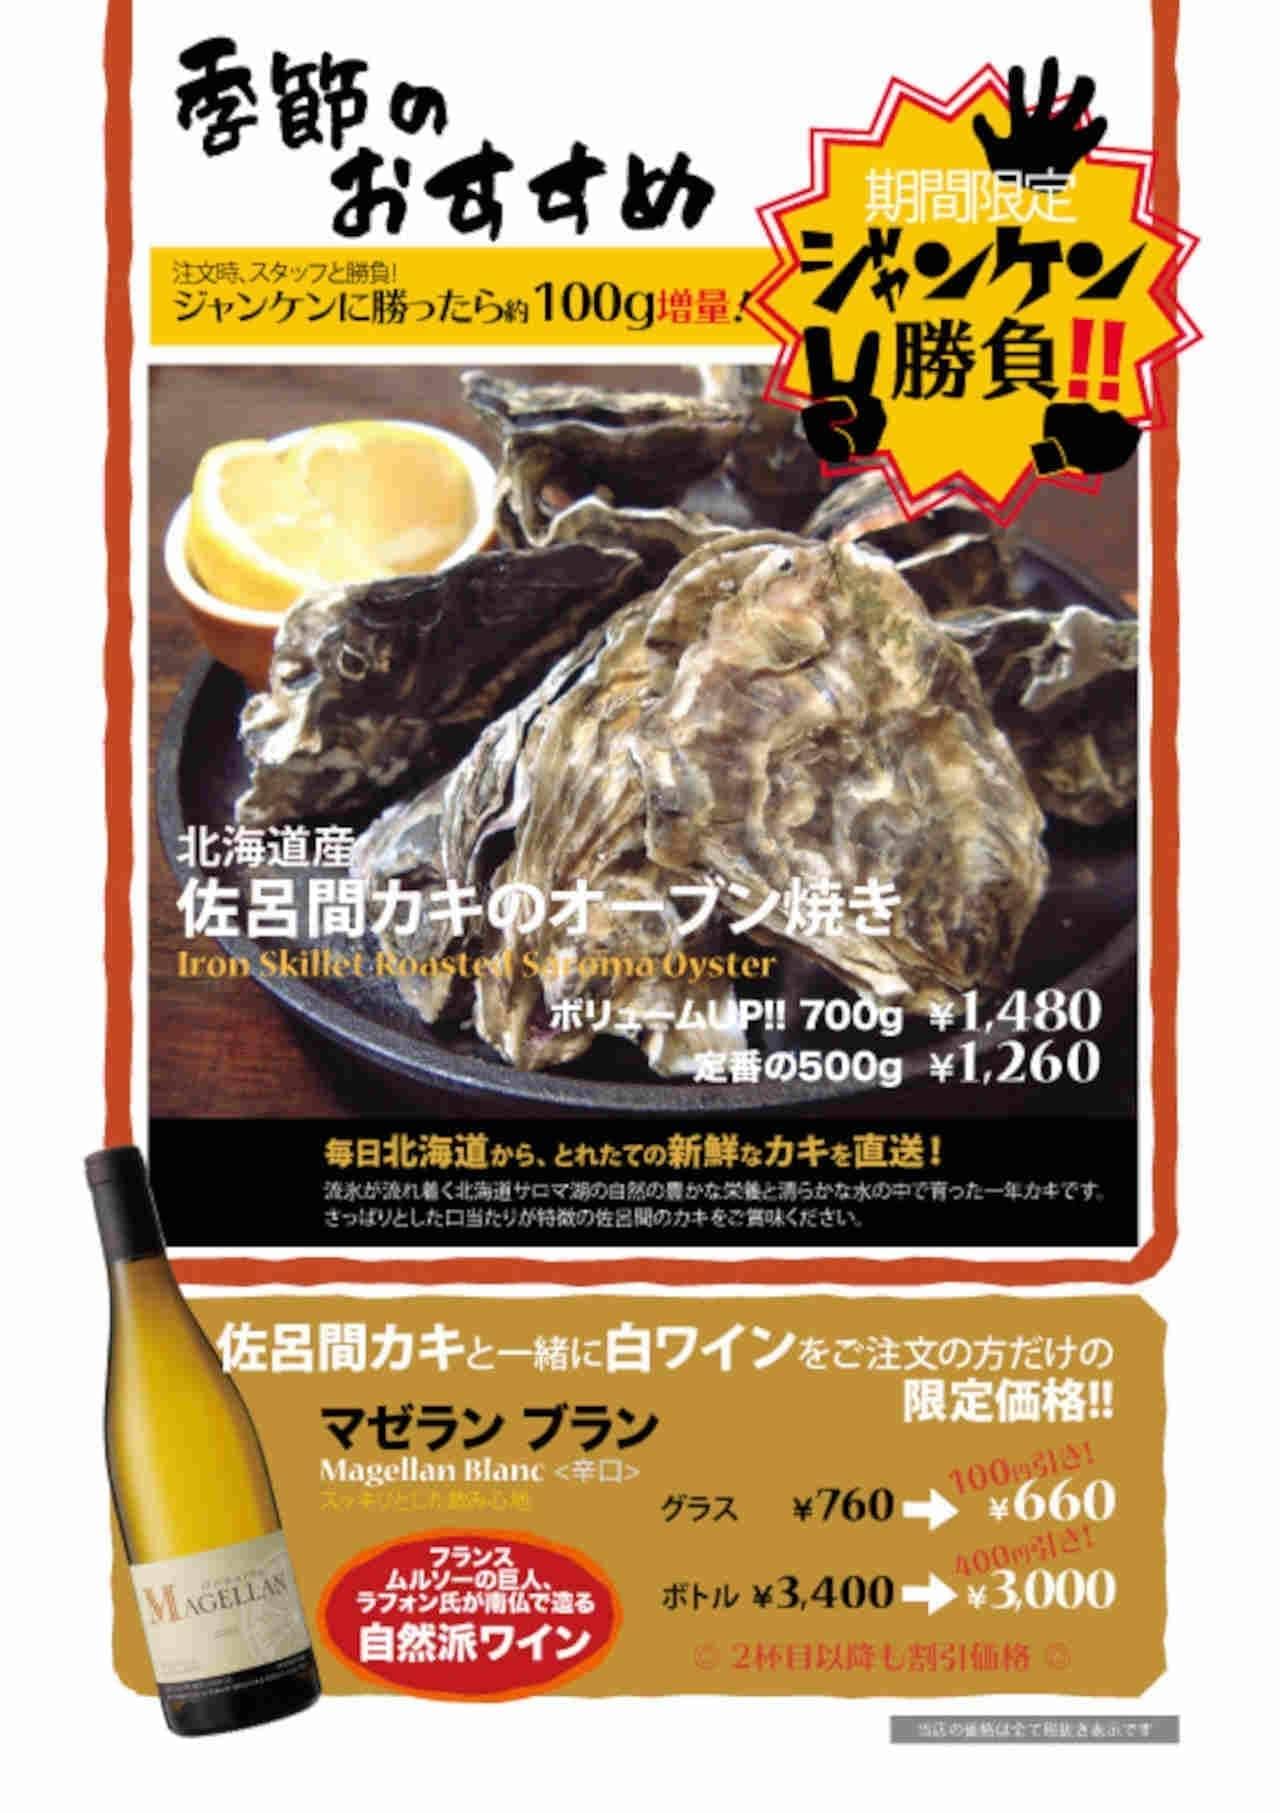 つばめグリルに「北海道佐呂間カキのオーブン焼き」